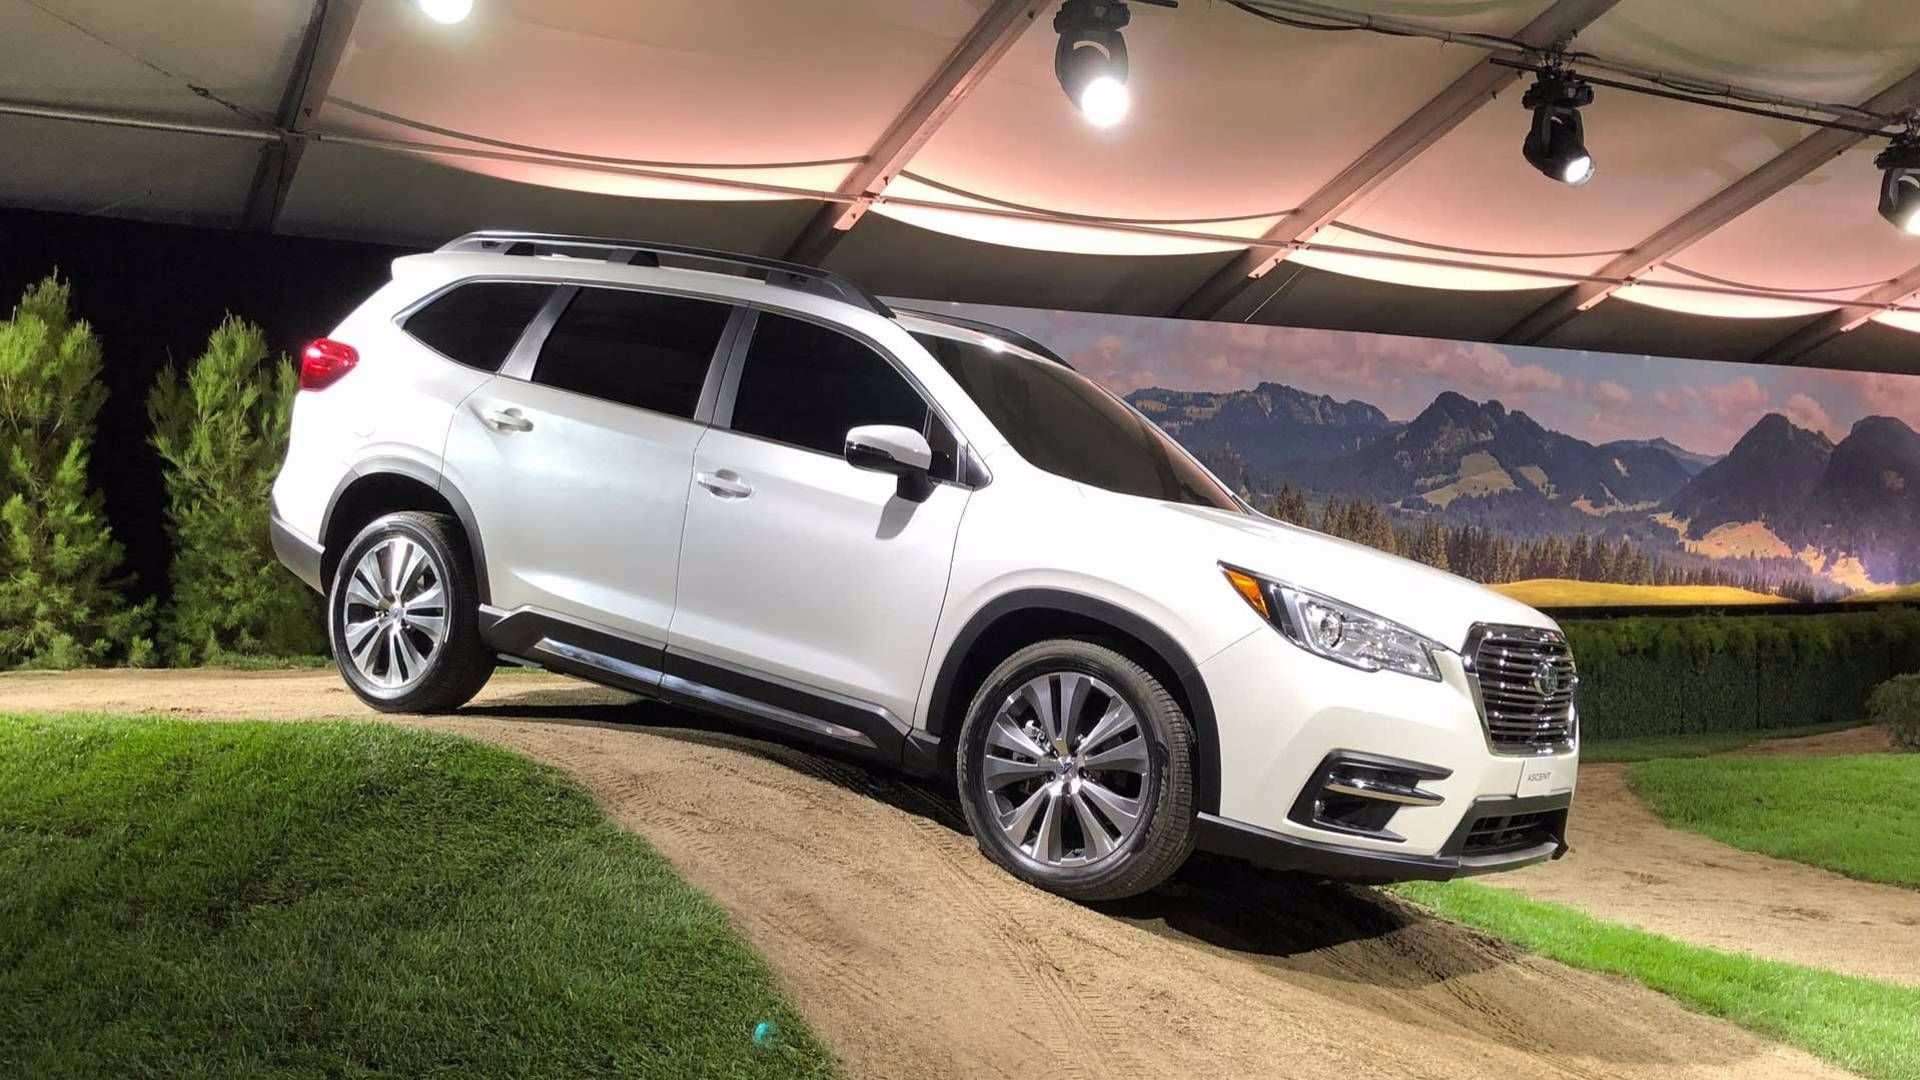 80 New 2020 Subaru Ascent Dimensions Specs by 2020 Subaru Ascent Dimensions